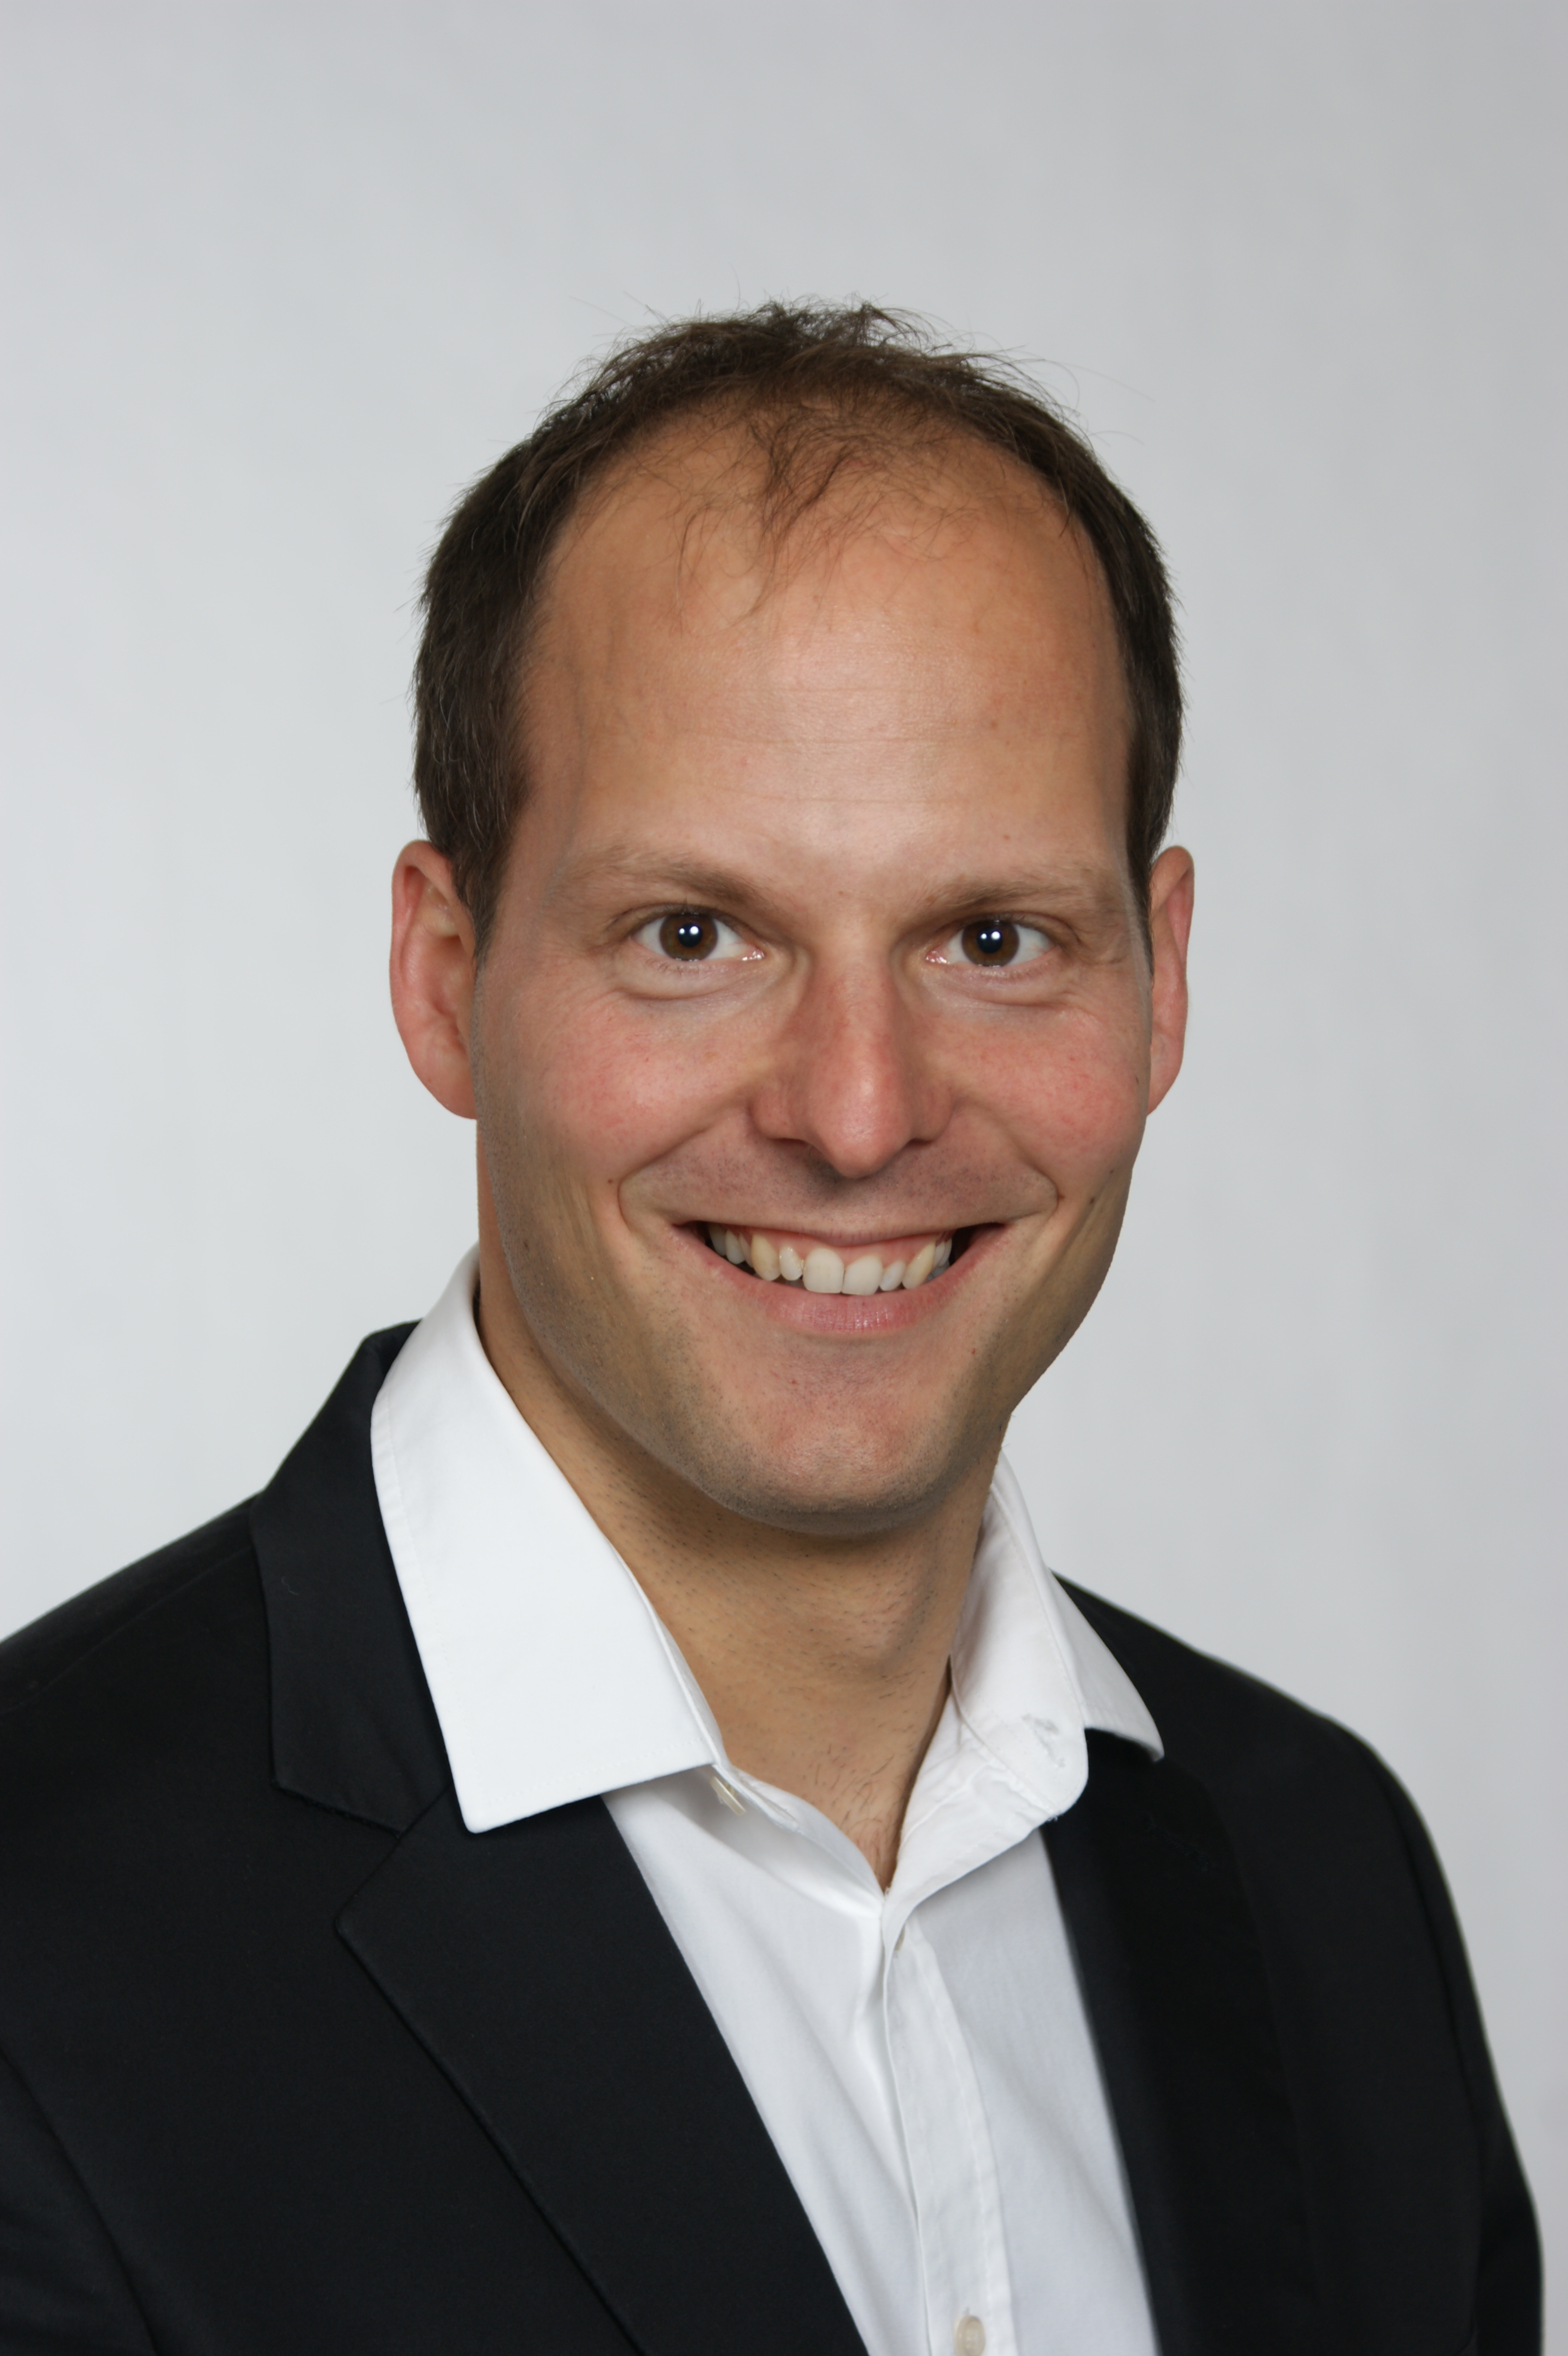 Julian Perrenoud